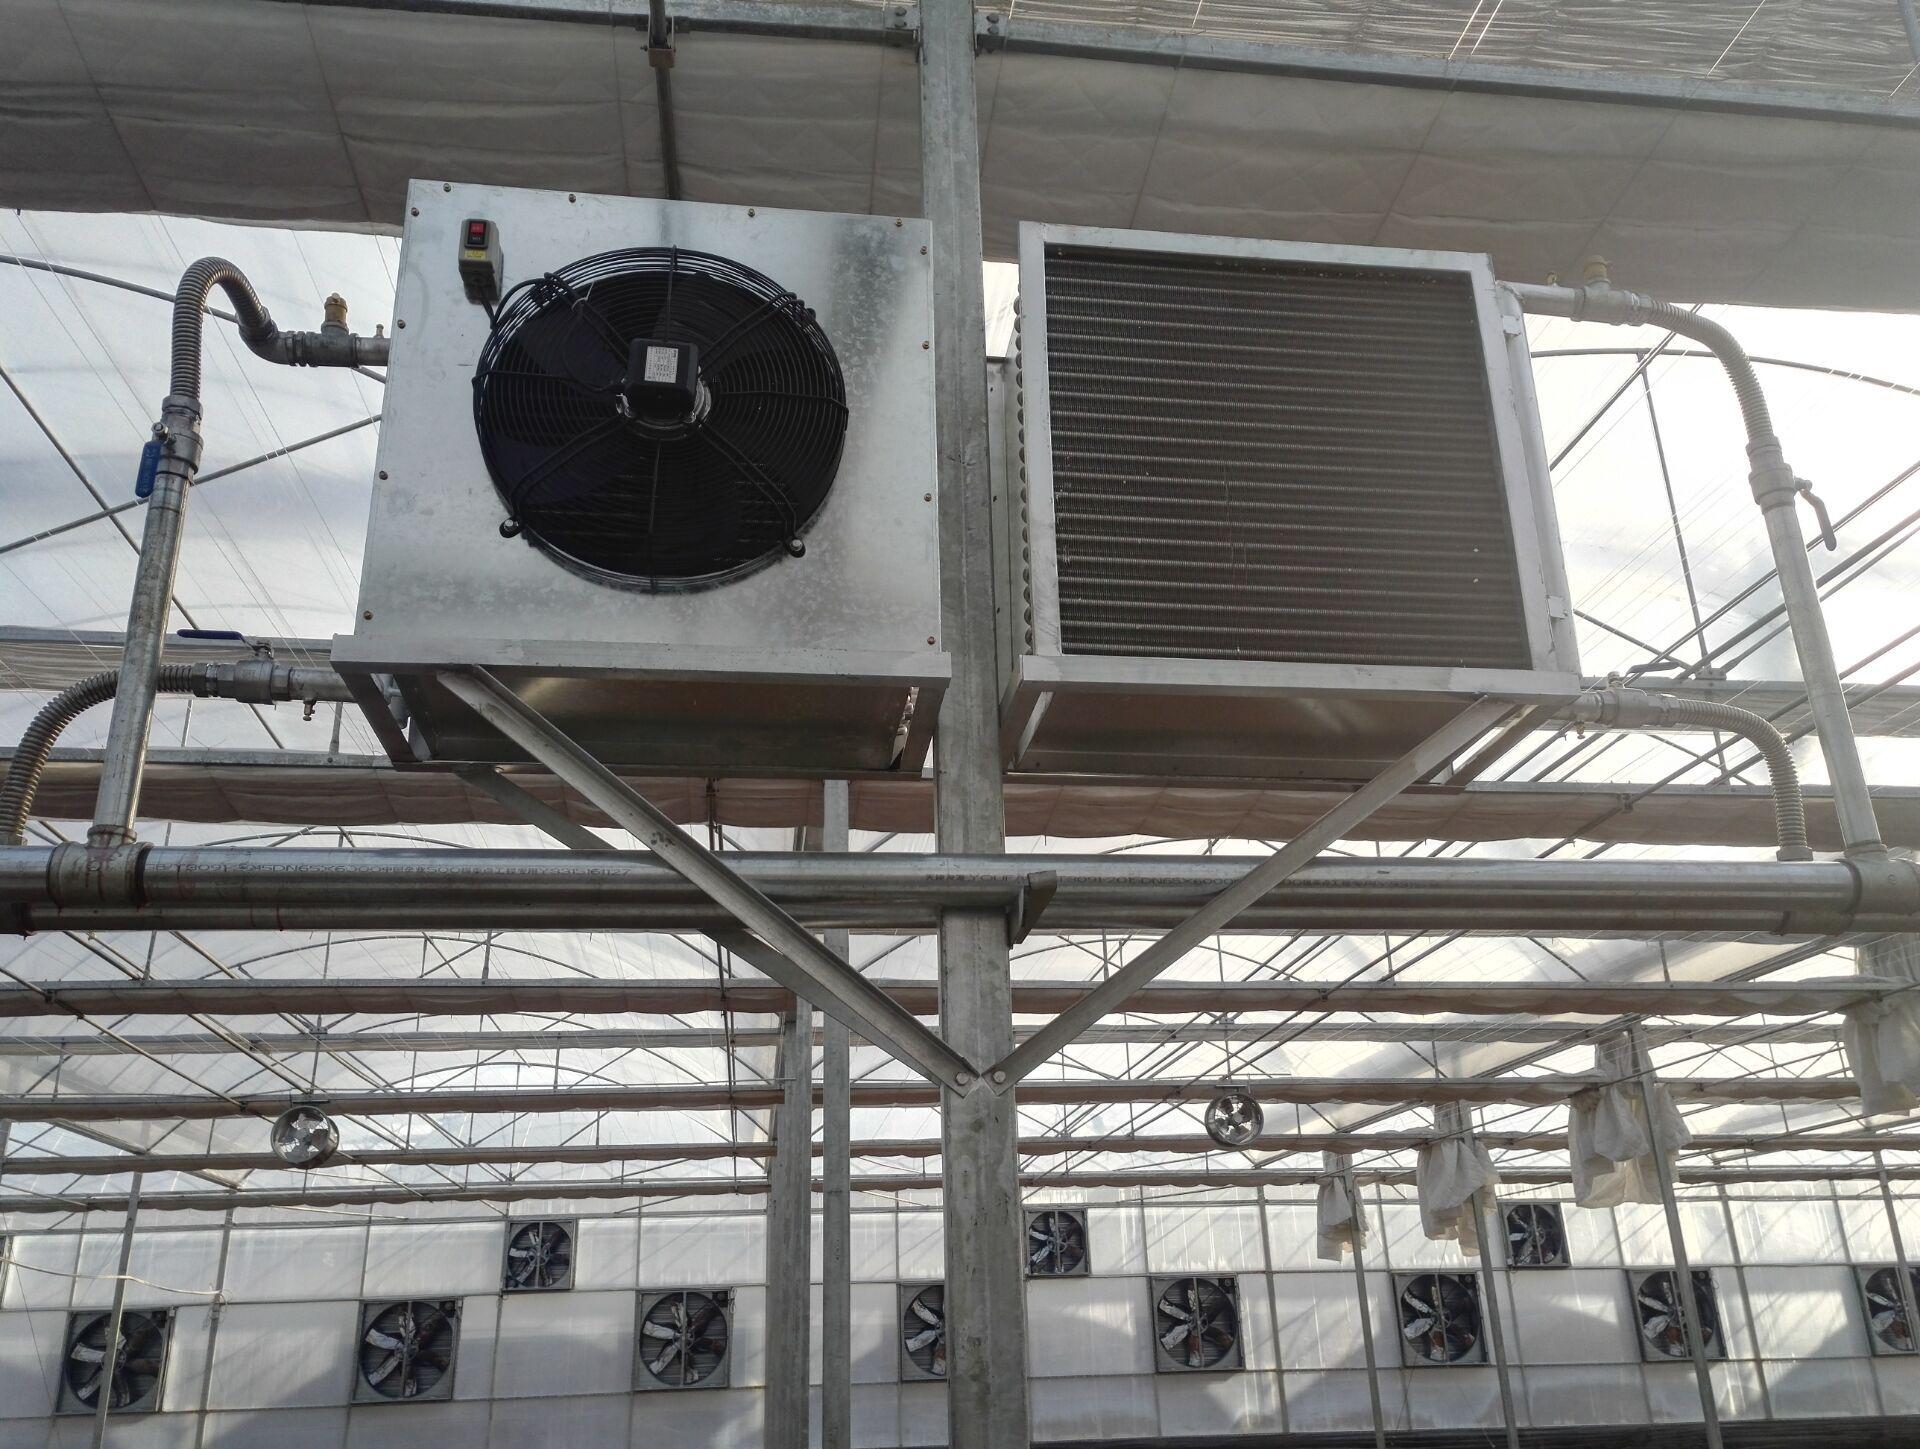 蔬菜和花卉温室大棚常见的采暖系统有哪些?大棚采暖设计